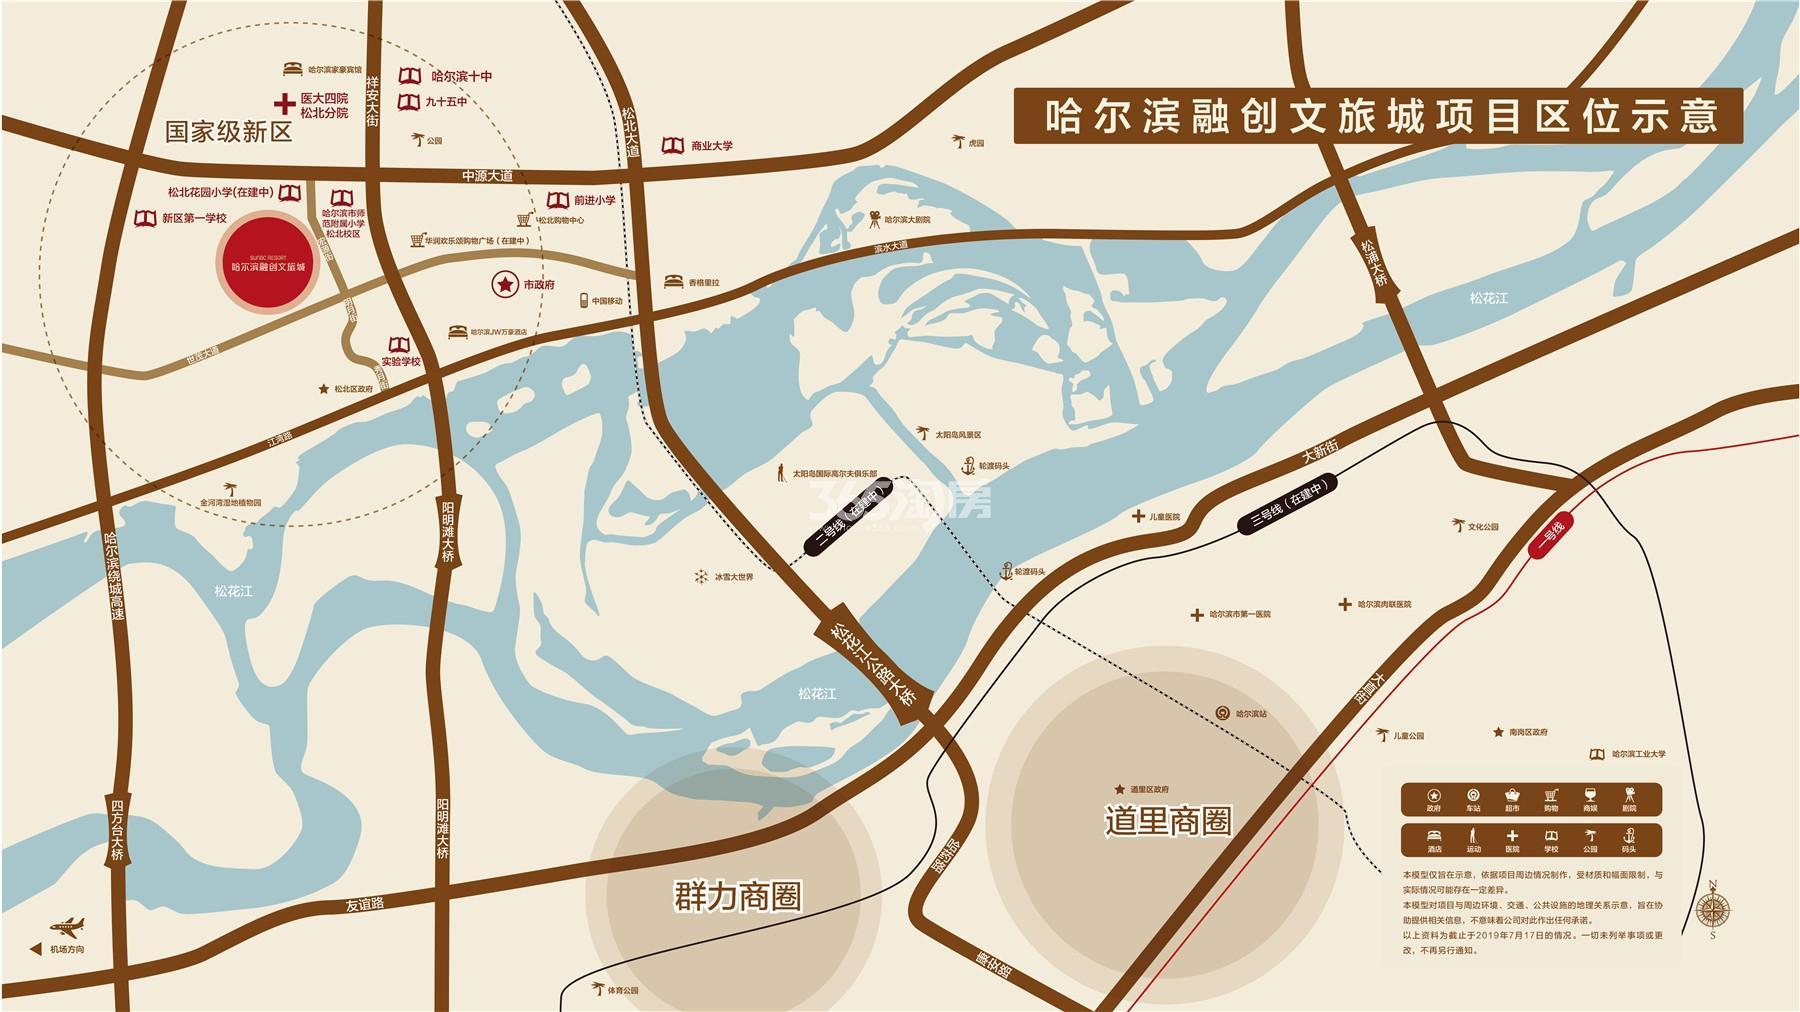 哈尔滨融创文旅城交通图